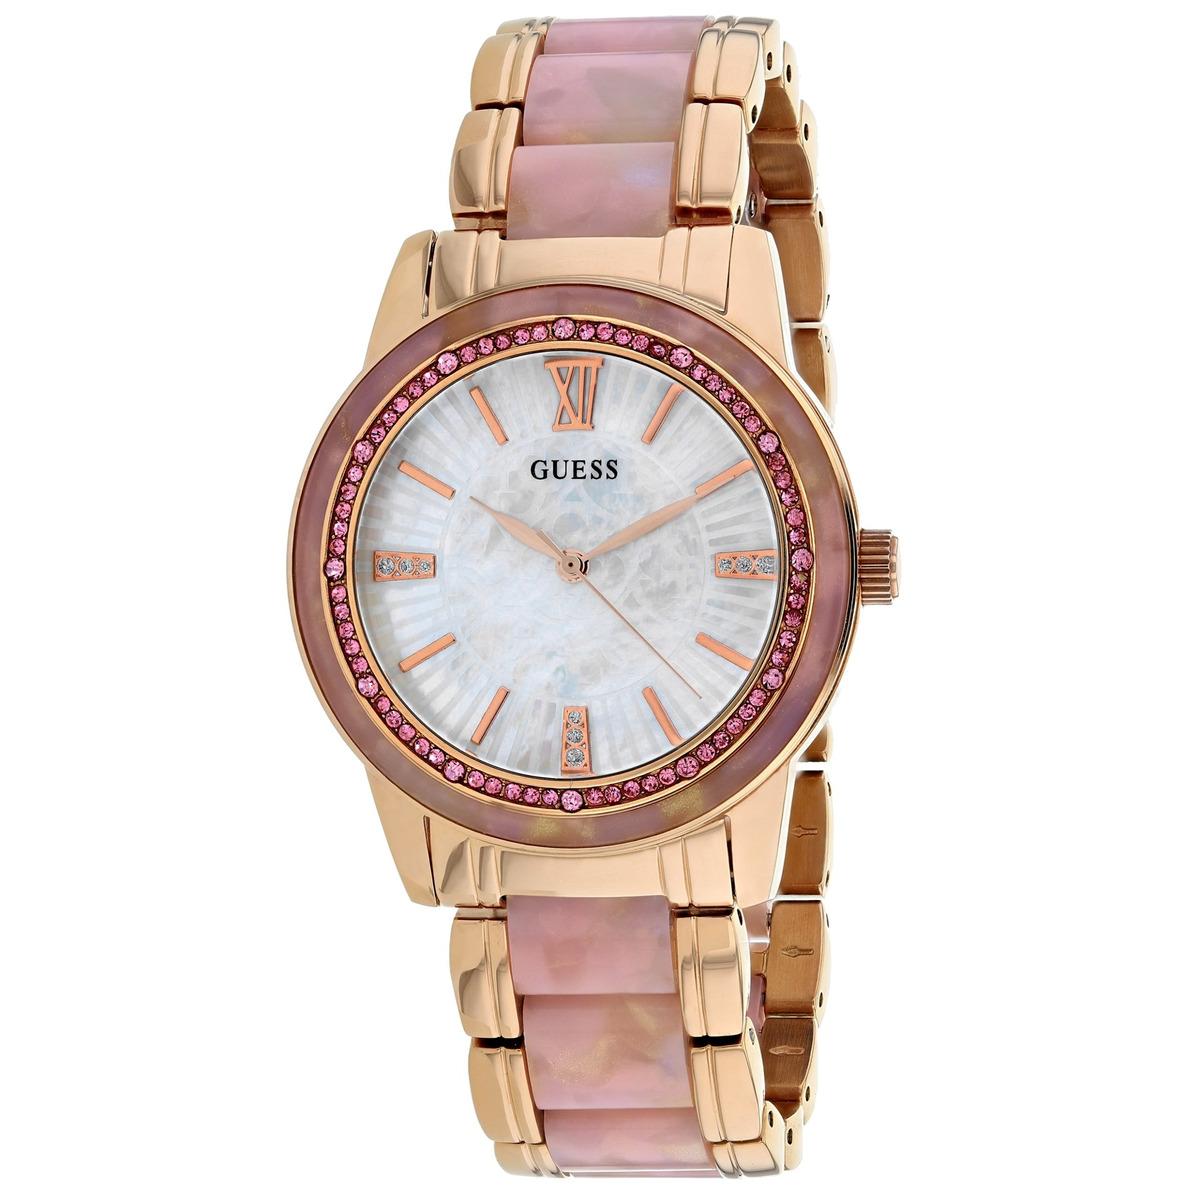 Guess Mujer Pulsera Para Reloj W0706l4 Blush oBxWCrdQe